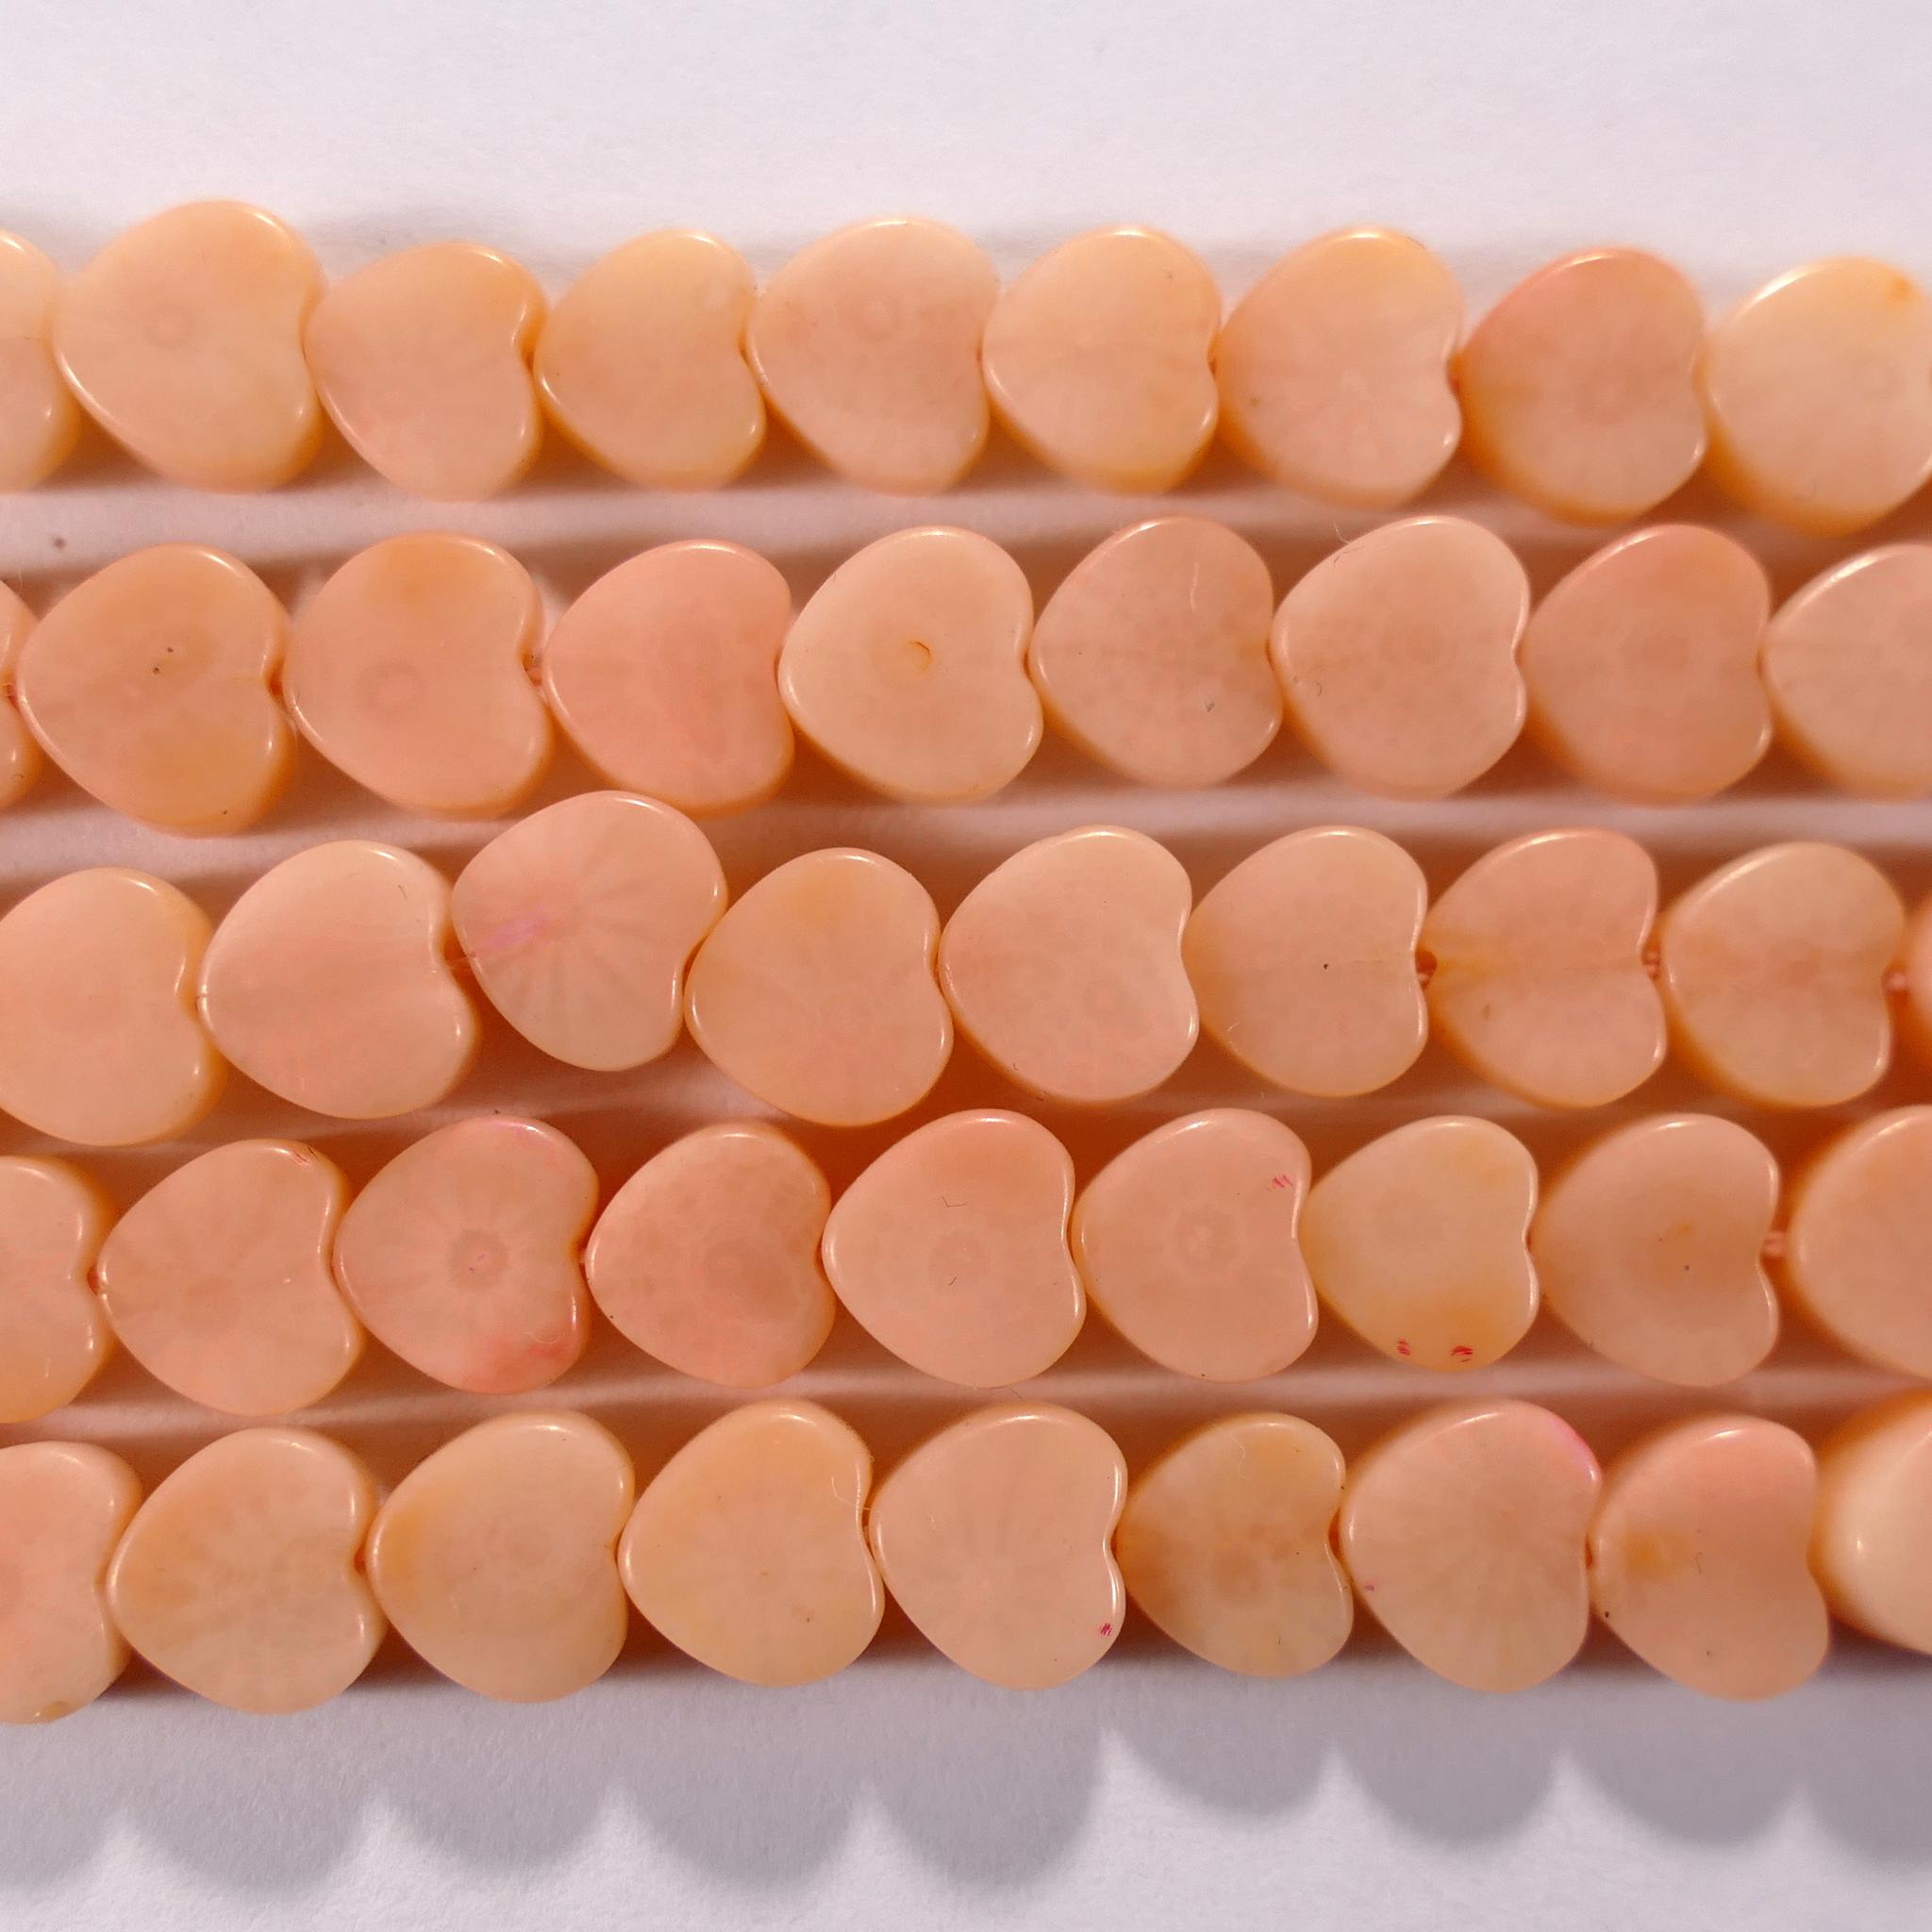 Нить бусин из коралла розового, фигурные, 5x5 мм (сердце, гладкая)